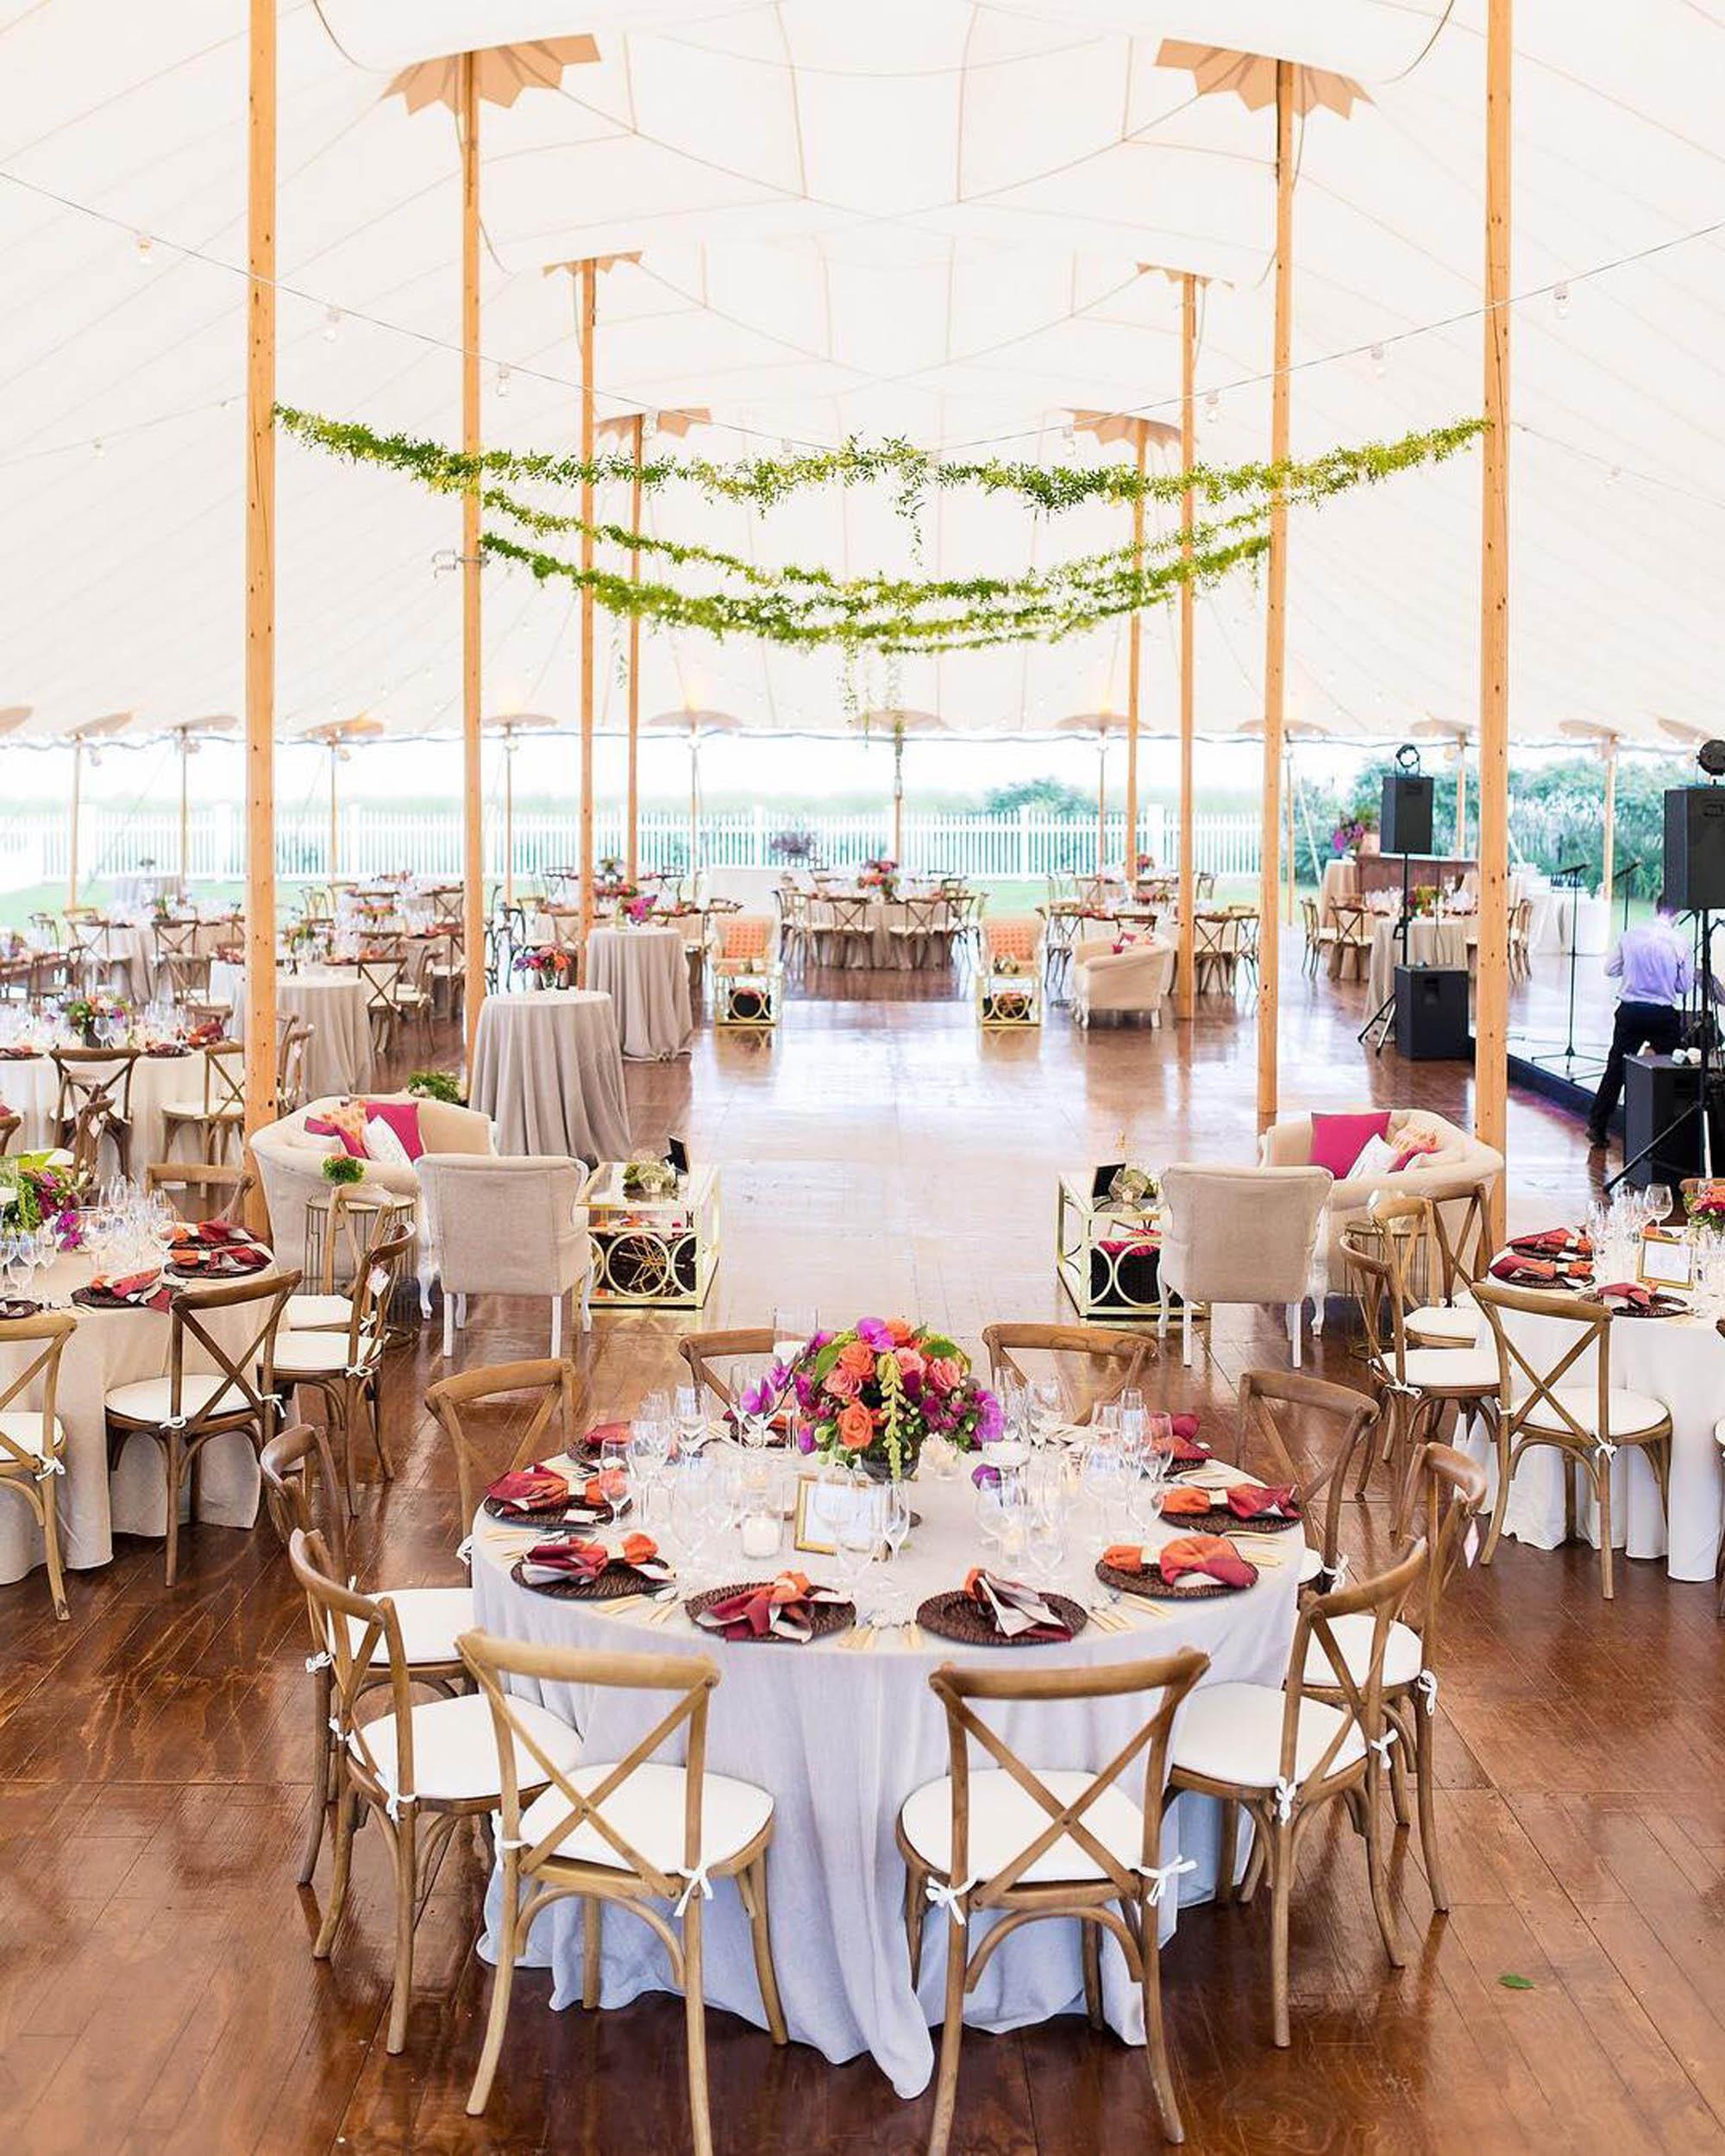 lilacs-florals-wedding-florist-tents-hires-086.jpg